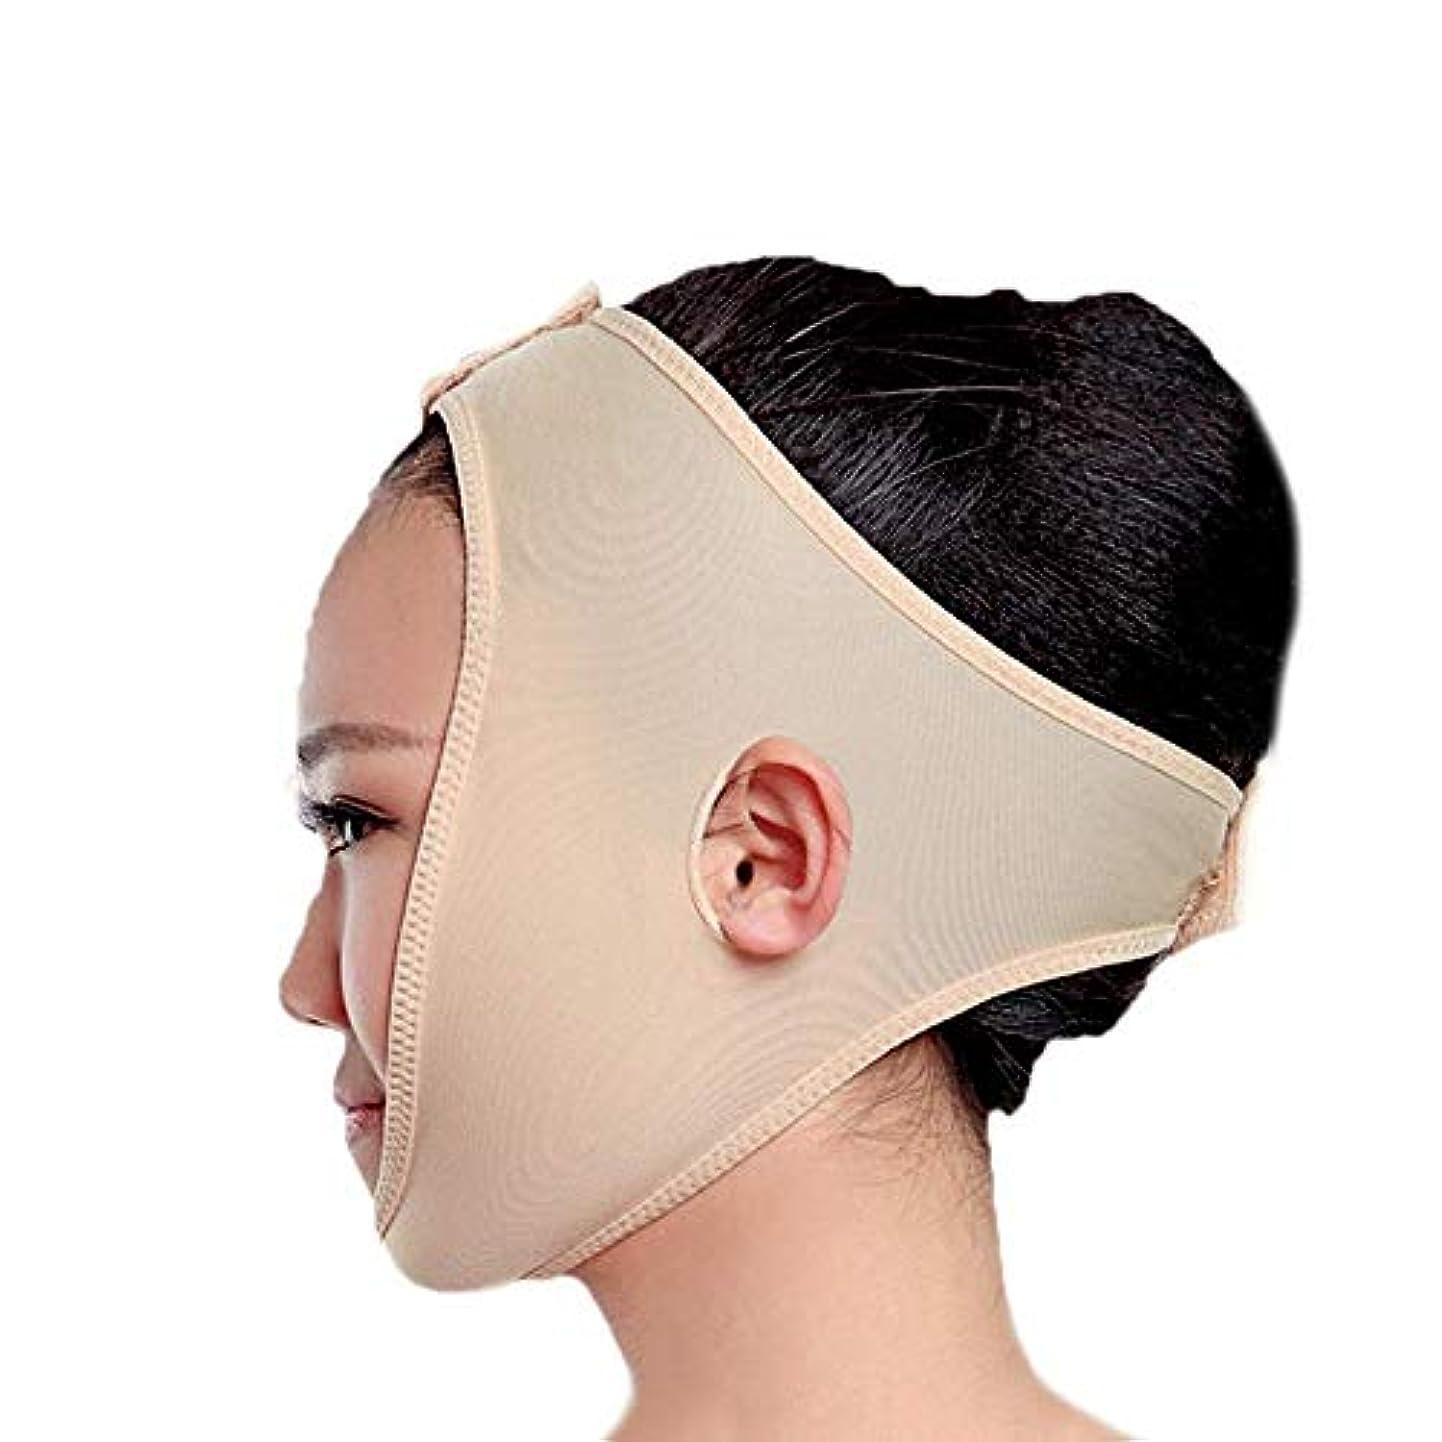 良い疫病小切手フェイススリミングマスク、快適さと通気性、フェイシャルリフティング、輪郭の改善された硬さ、ファーミングとリフティングフェイス(カラー:ブラック、サイズ:XL),黄色がかったピンク2、XXL